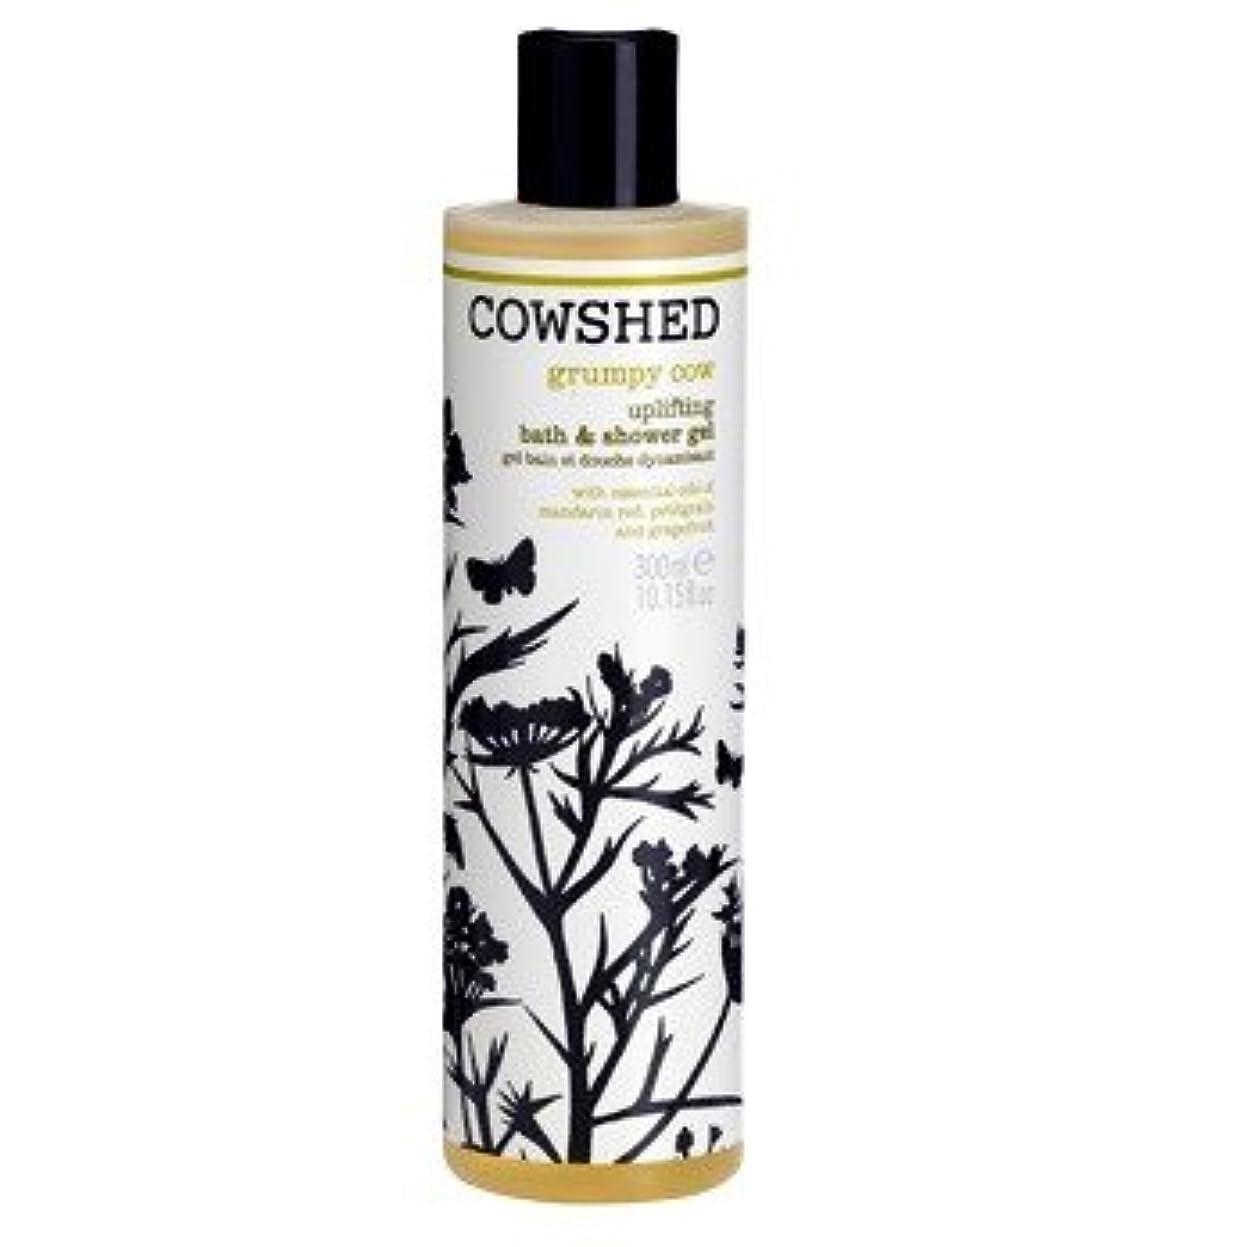 サイトささやき秘密の牛舎気難しい牛高揚バス&シャワージェル300ミリリットル (Cowshed) (x2) - Cowshed Grumpy Cow Uplifting Bath & Shower Gel 300ml (Pack of 2)...